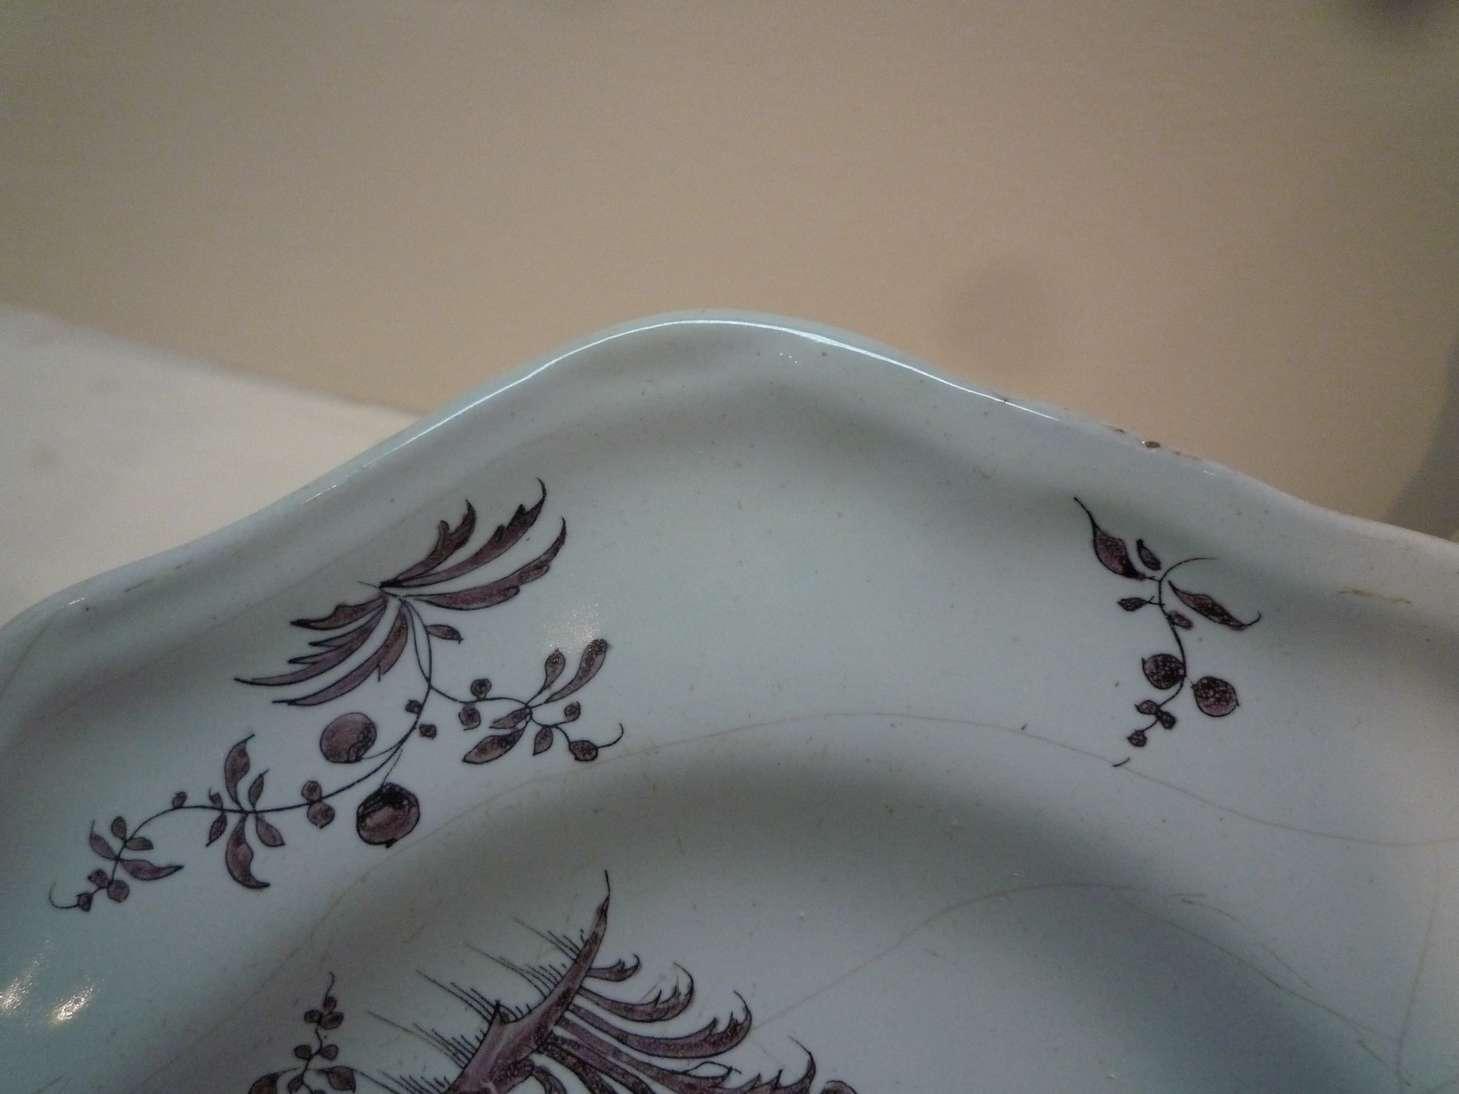 faience-bordeaux-art-restauration-reparation-restauratrice-restaurateur-atelier-ceramique.jpg